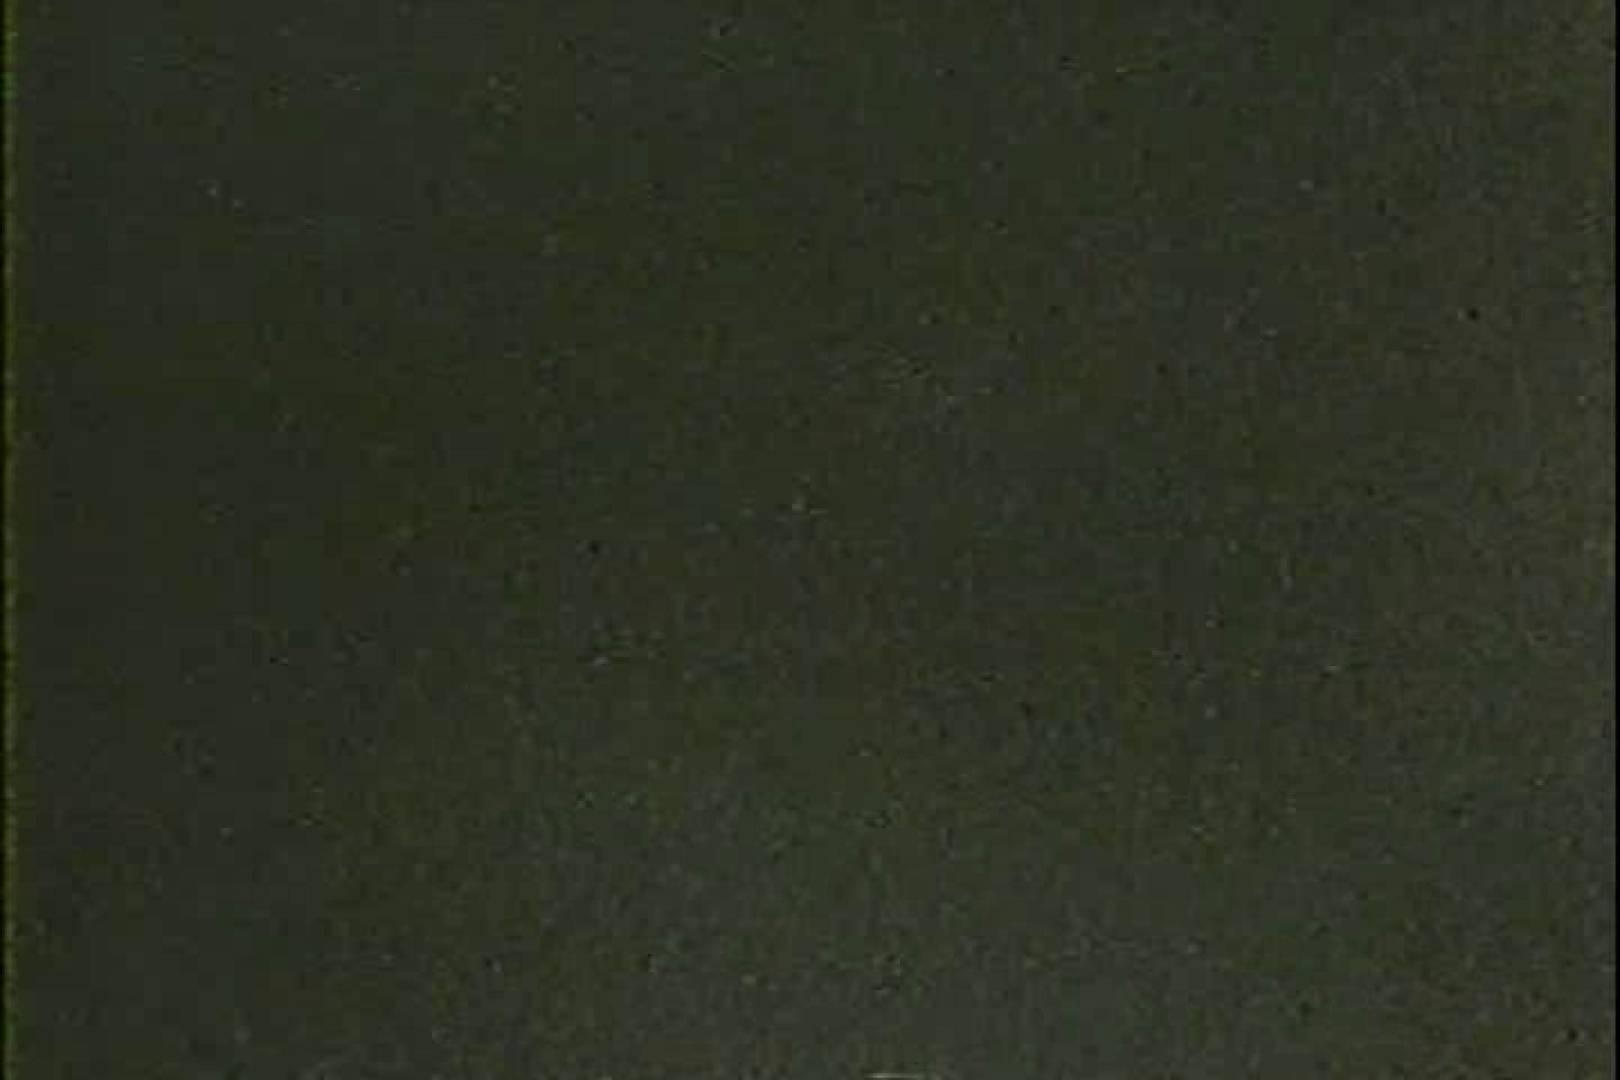 「ちくりん」さんのオリジナル未編集パンチラVol.5_02 チラ見え画像 SEX無修正画像 57連発 14